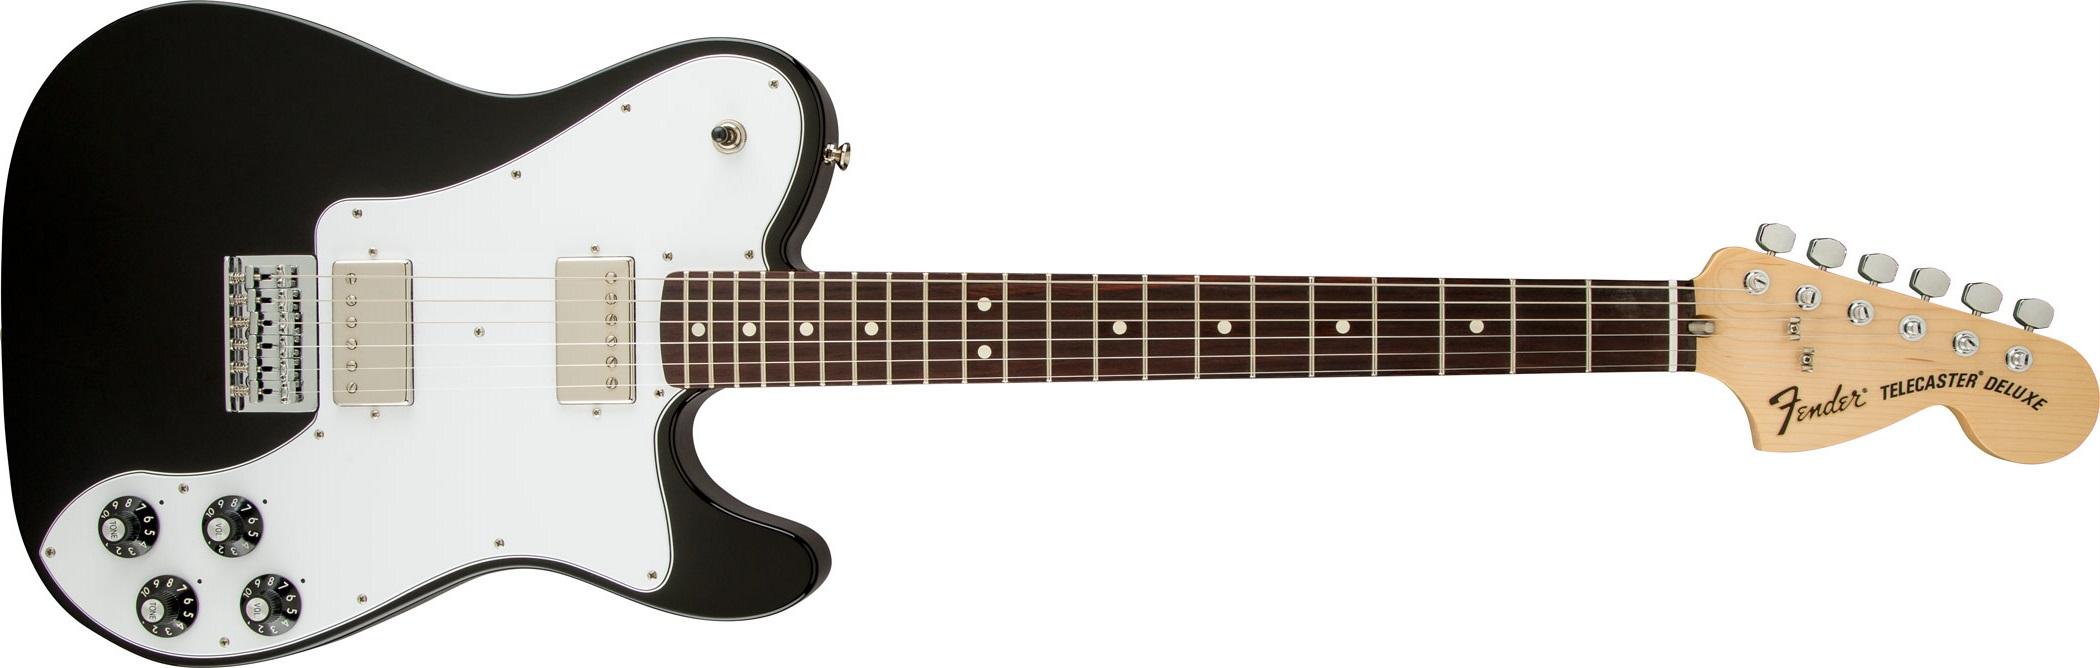 Fender Chris Shiflett Telecaster Deluxe RW BLK